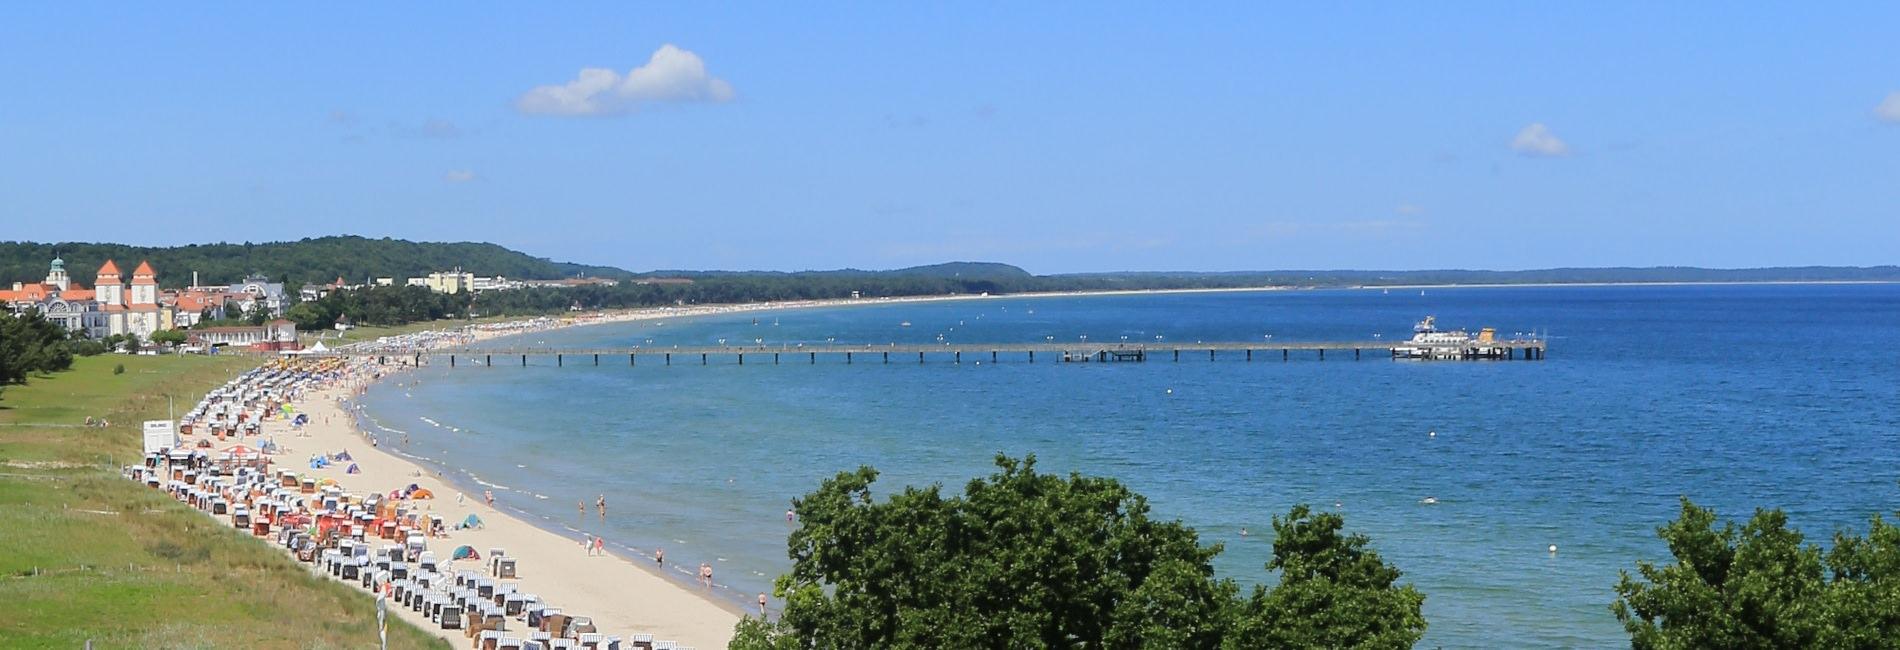 Urlaub im Ostseebad Binz auf Rügen buchen